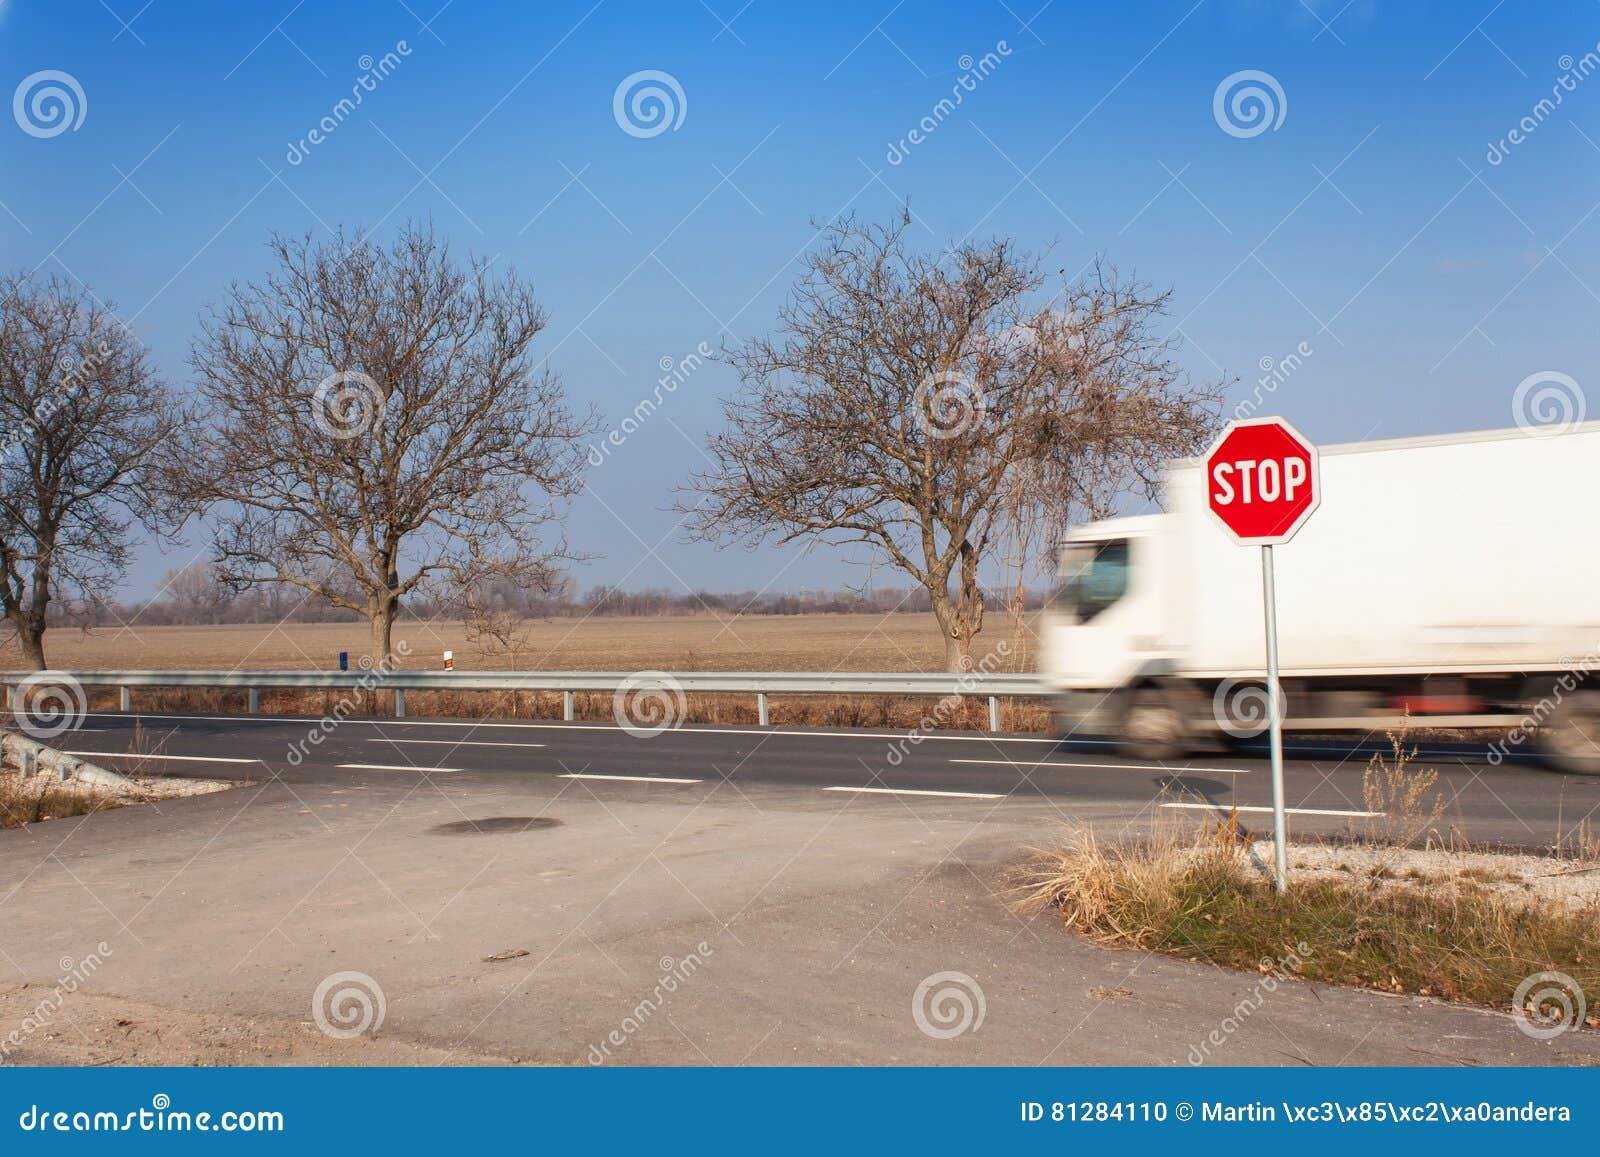 Σταματήστε το σημάδι στα σταυροδρόμια δρόμος αγροτικός Έξοδος επάνω στο κύριο δρόμο Κύριος δρόμος επικίνδυνος δρόμος Στάση σημαδι